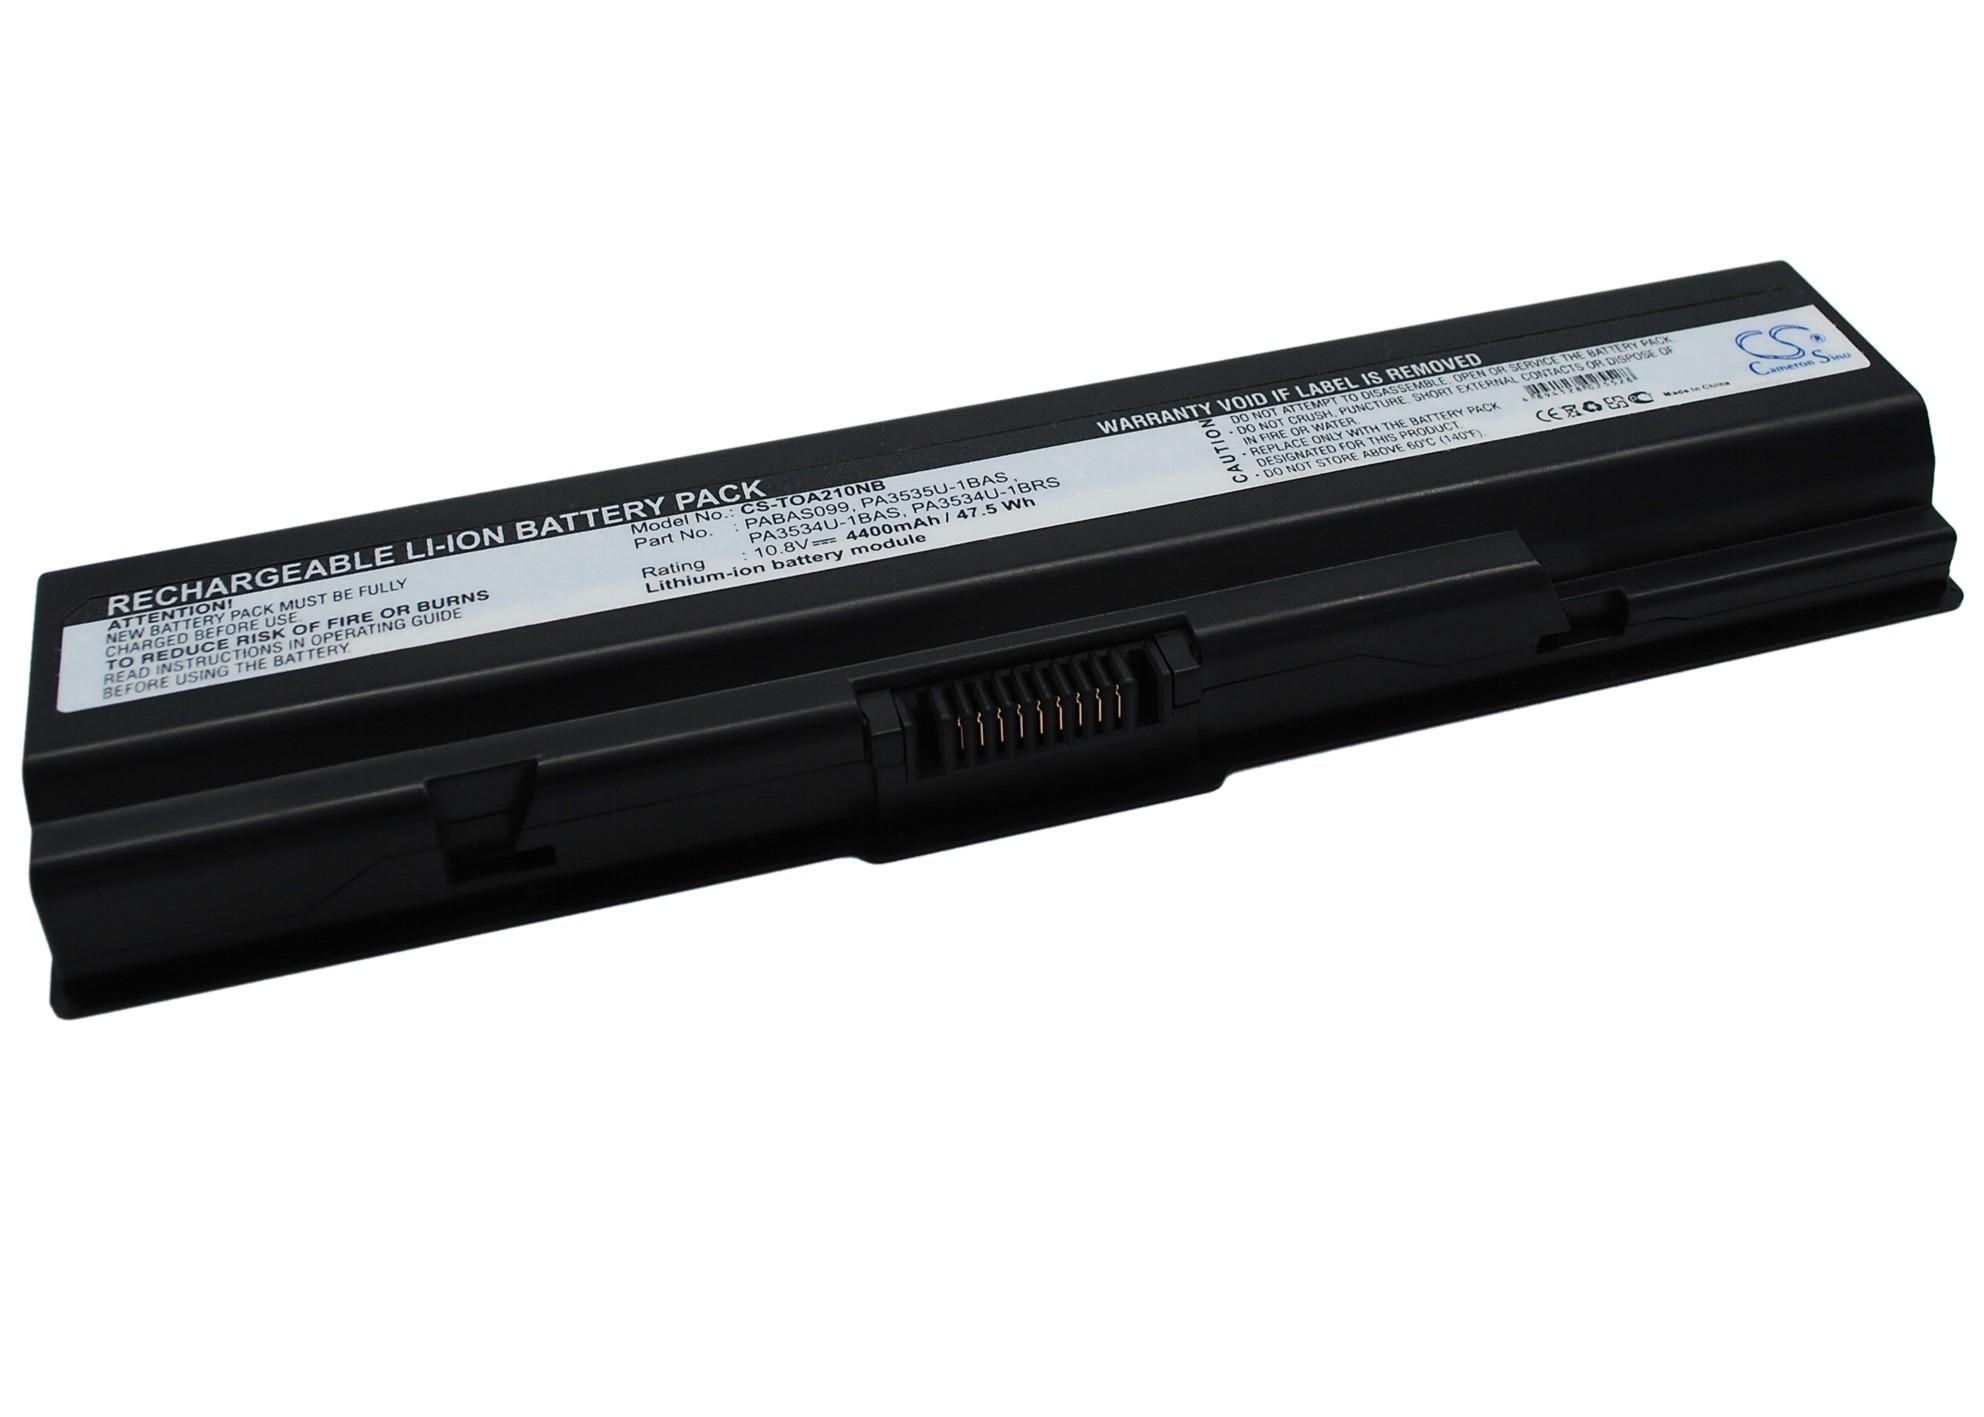 Cameron Sino baterie do notebooků pro TOSHIBA Satellite L505-GS5035 10.8V Li-ion 4400mAh černá - neoriginální